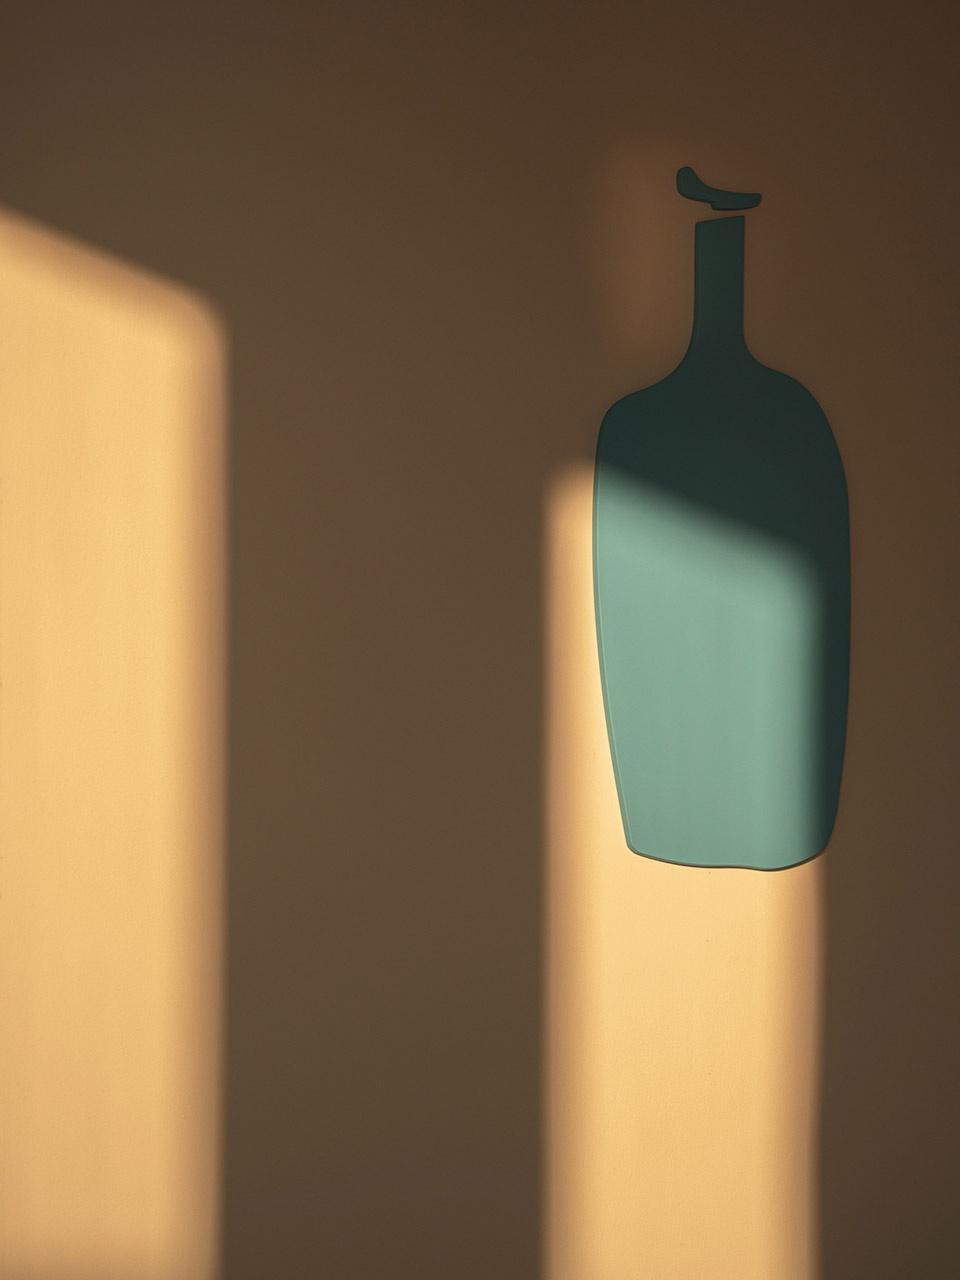 55-Blue-Bottle-Coffee-MinatoMirai-Cafe_Keiji-Ashizawa-Design-960x1280.jpg